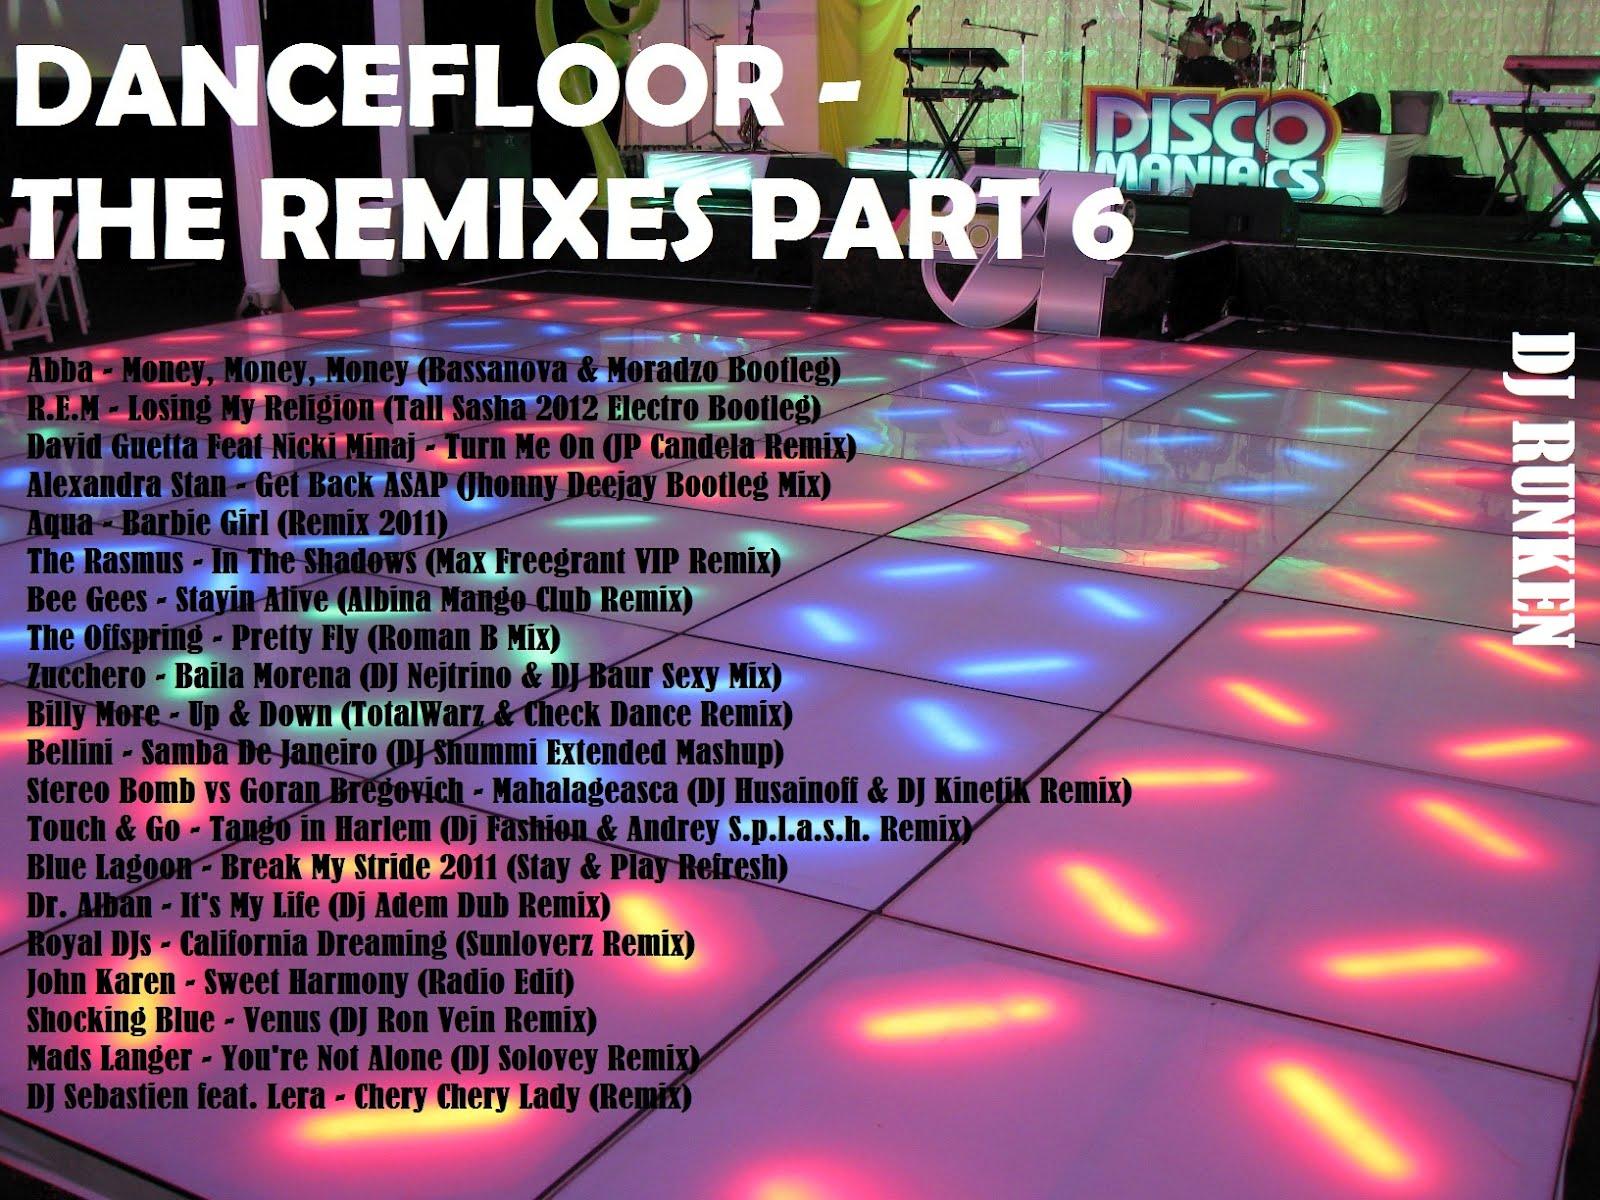 Dj runken mixes dancefloor the remixes part 6 for 1234 get on the dance floor dj mix